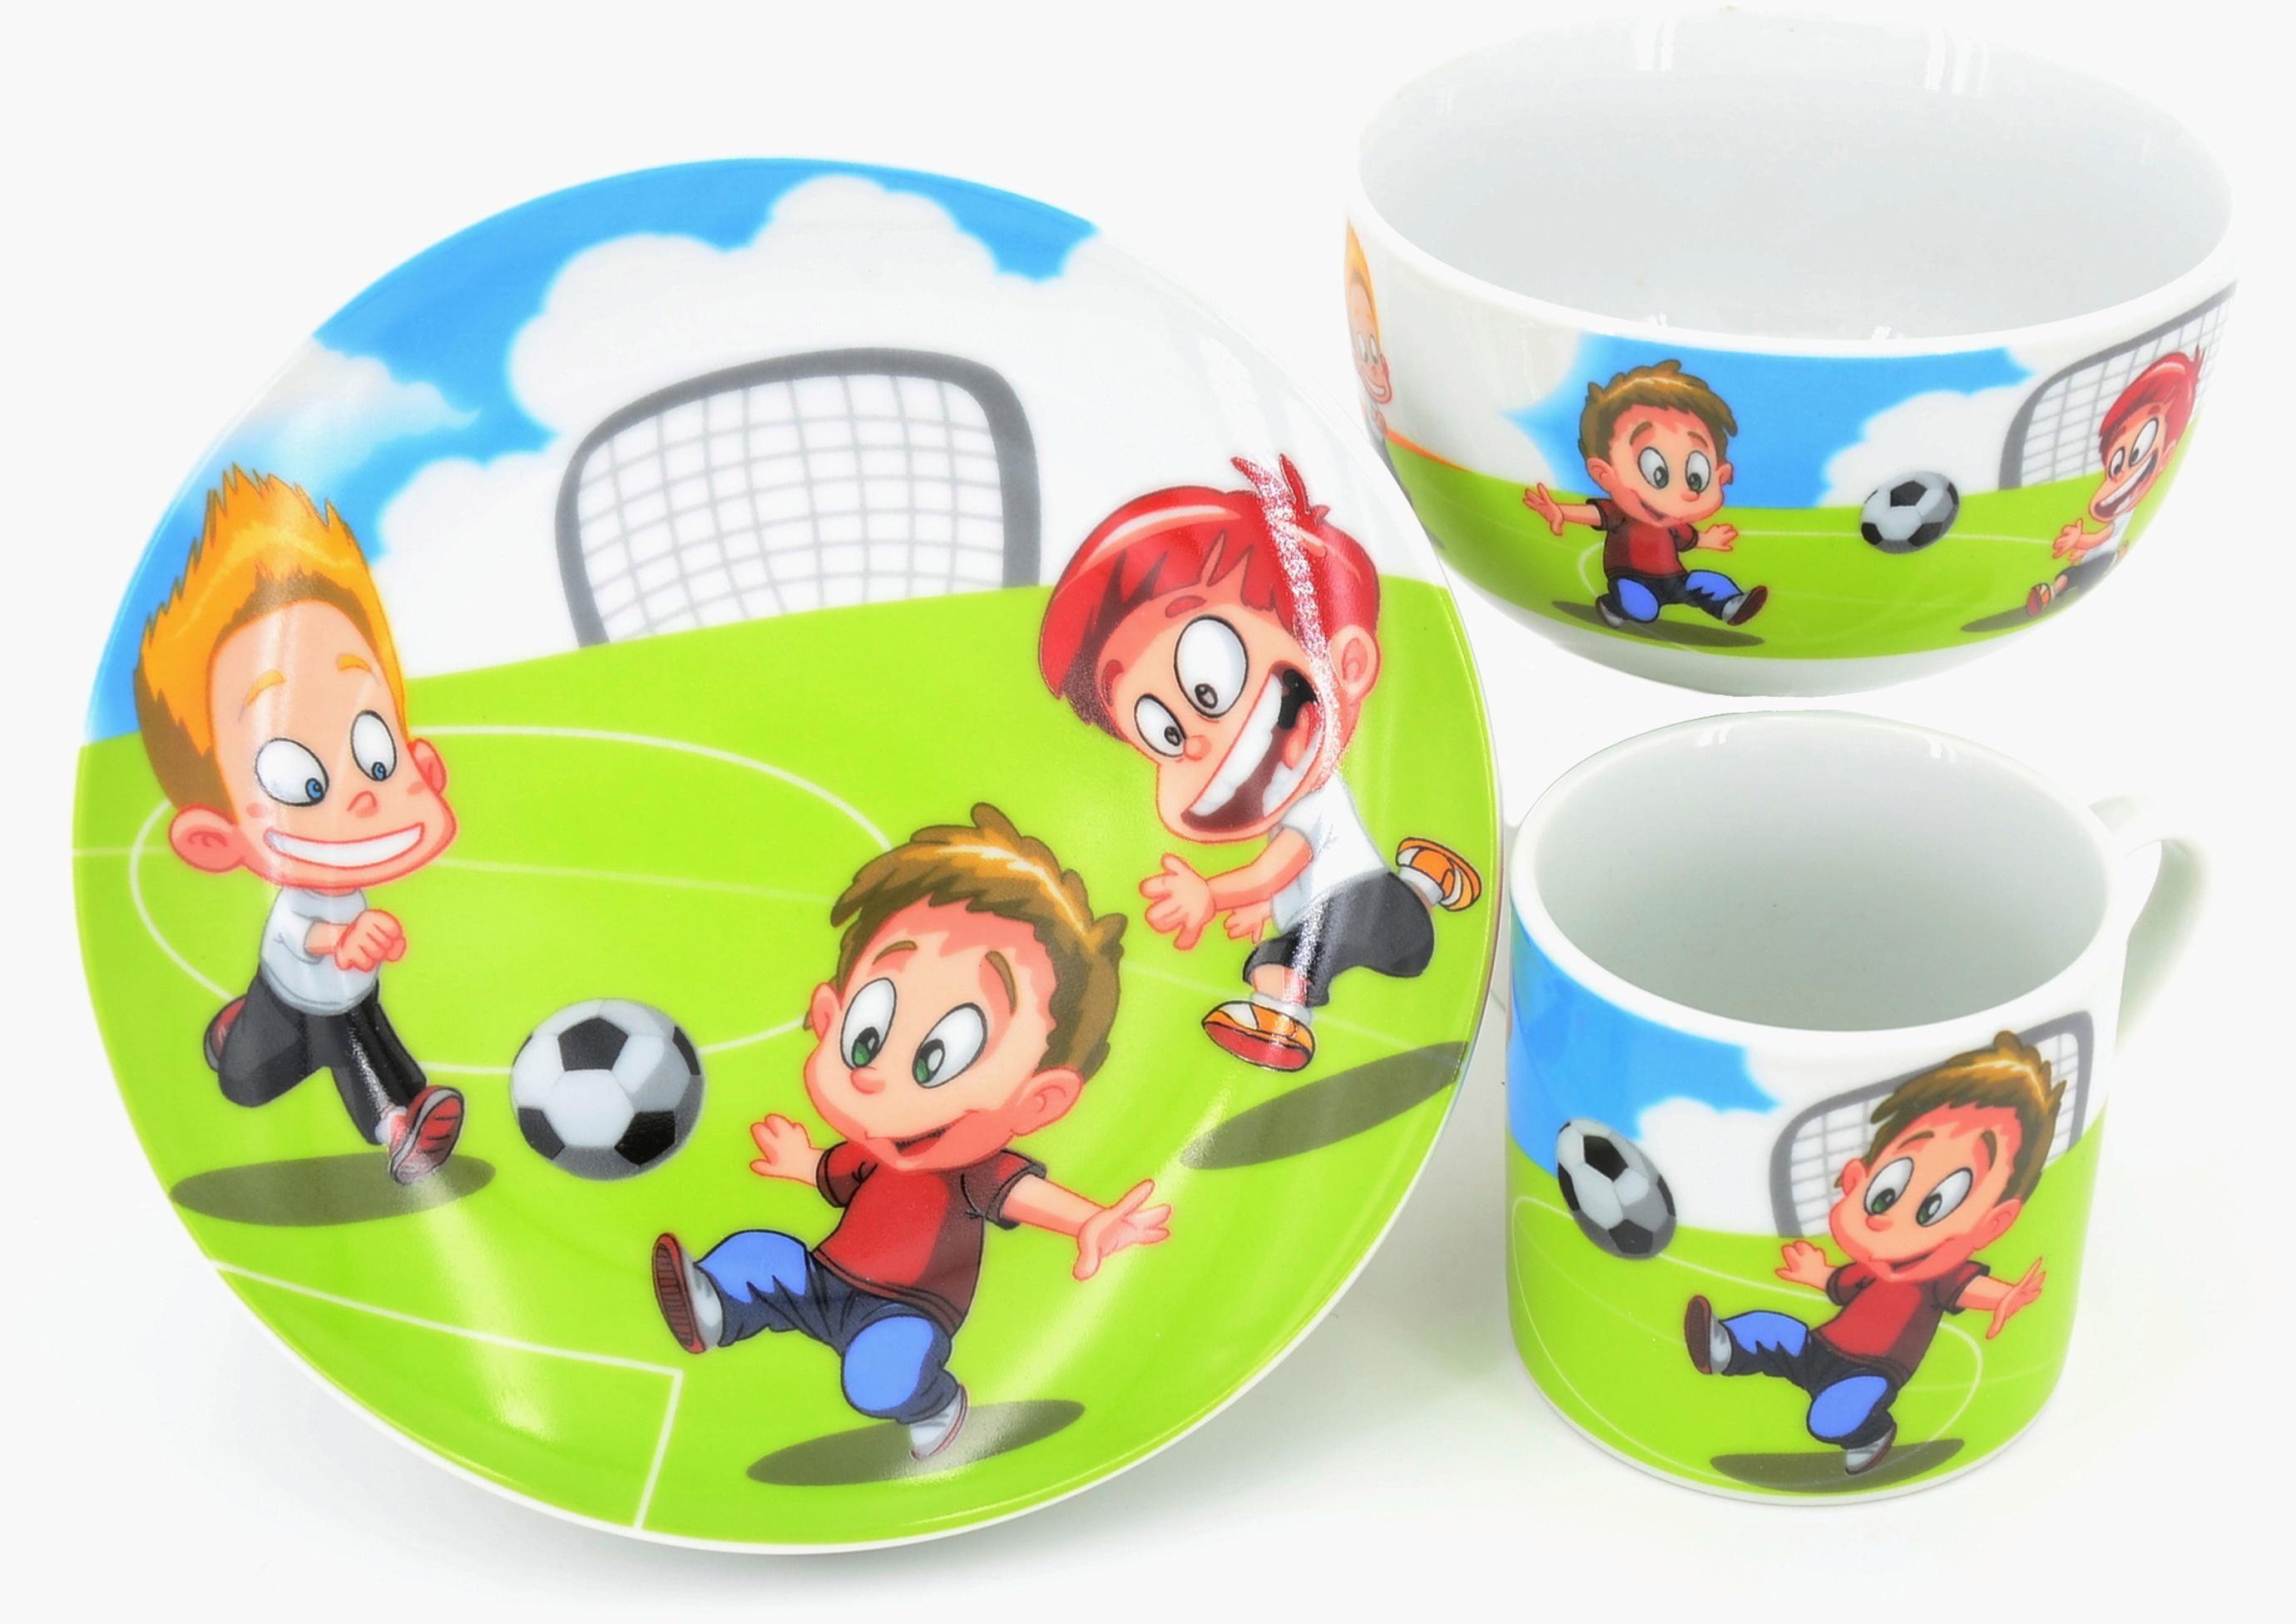 Retsch Arzberg Kindergeschirr-Set Fußball (3-tlg.), Porzellan bunt Kinder Kindergeschirr Geschirr, Tischaccessoires Haushaltswaren Geschirr-Sets